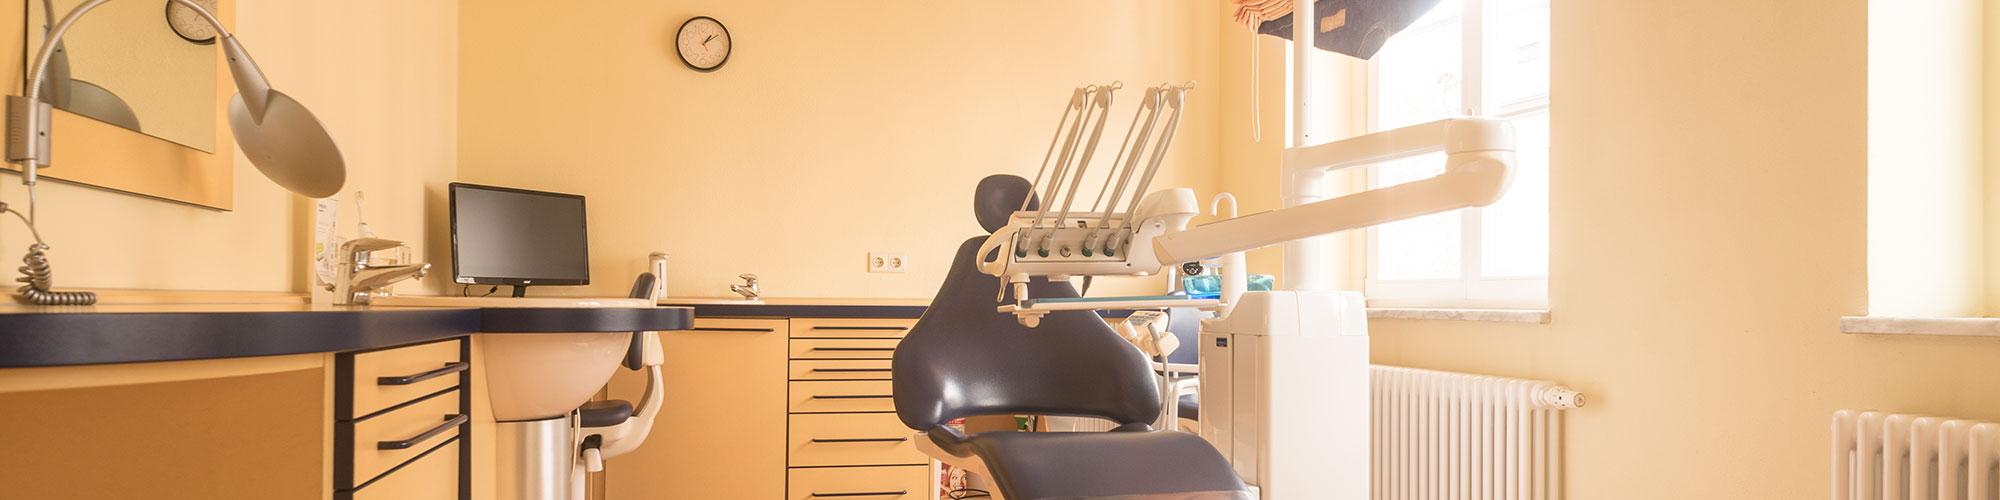 Zahnarztpraxis Heineke